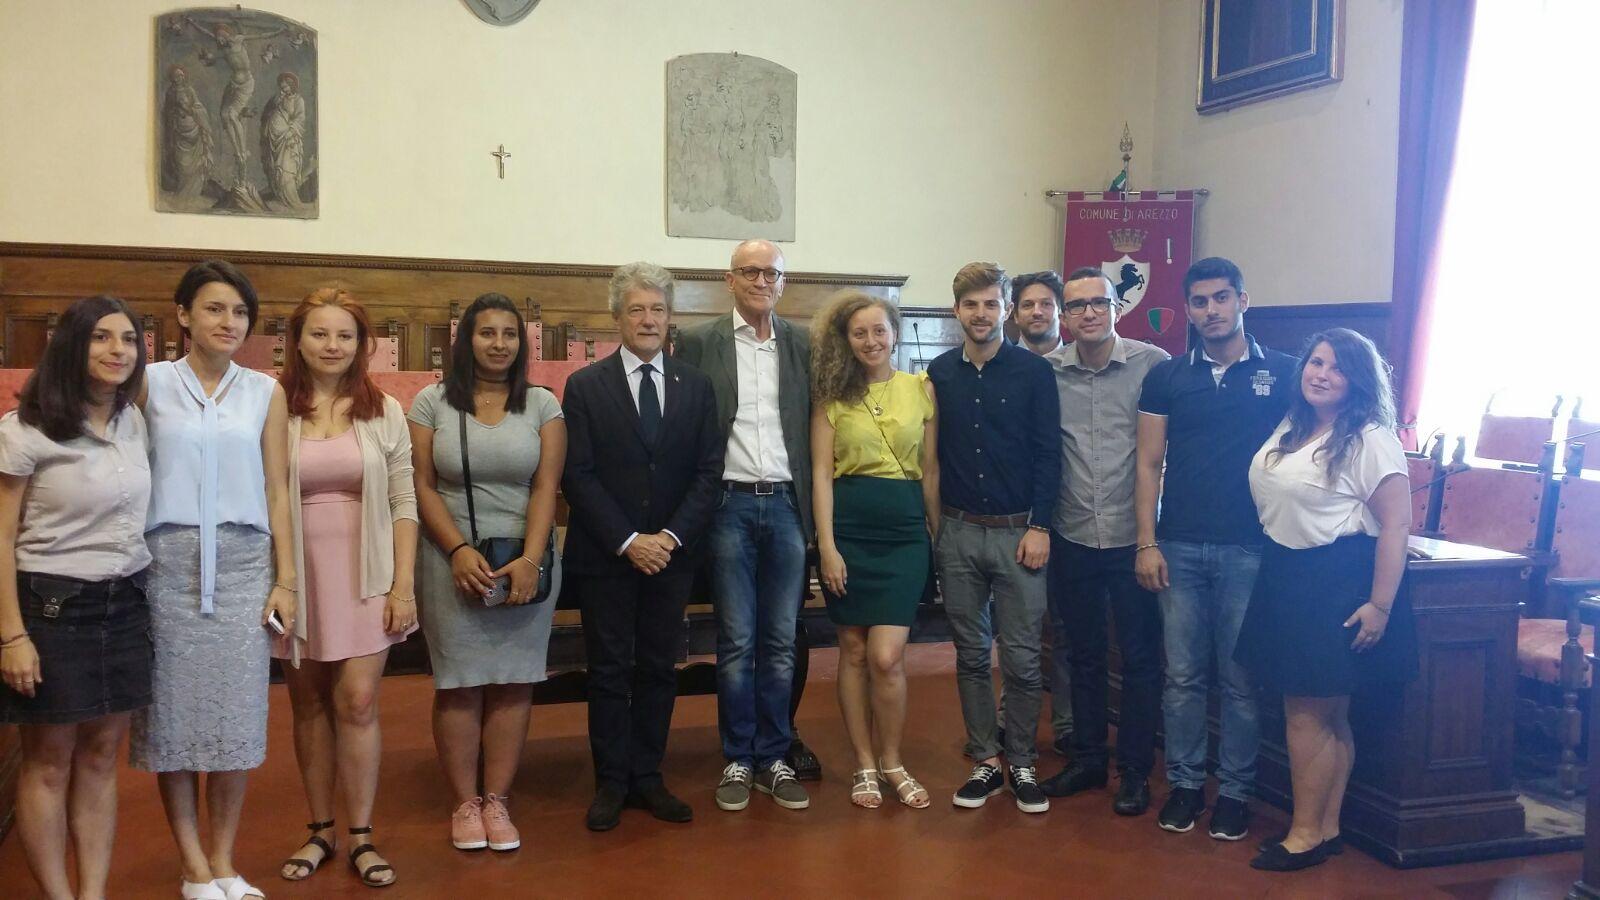 """Ghinelli ai giovani di Rondine: """"Benvenuti ad Arezzo, terra di linguaggi universali"""""""